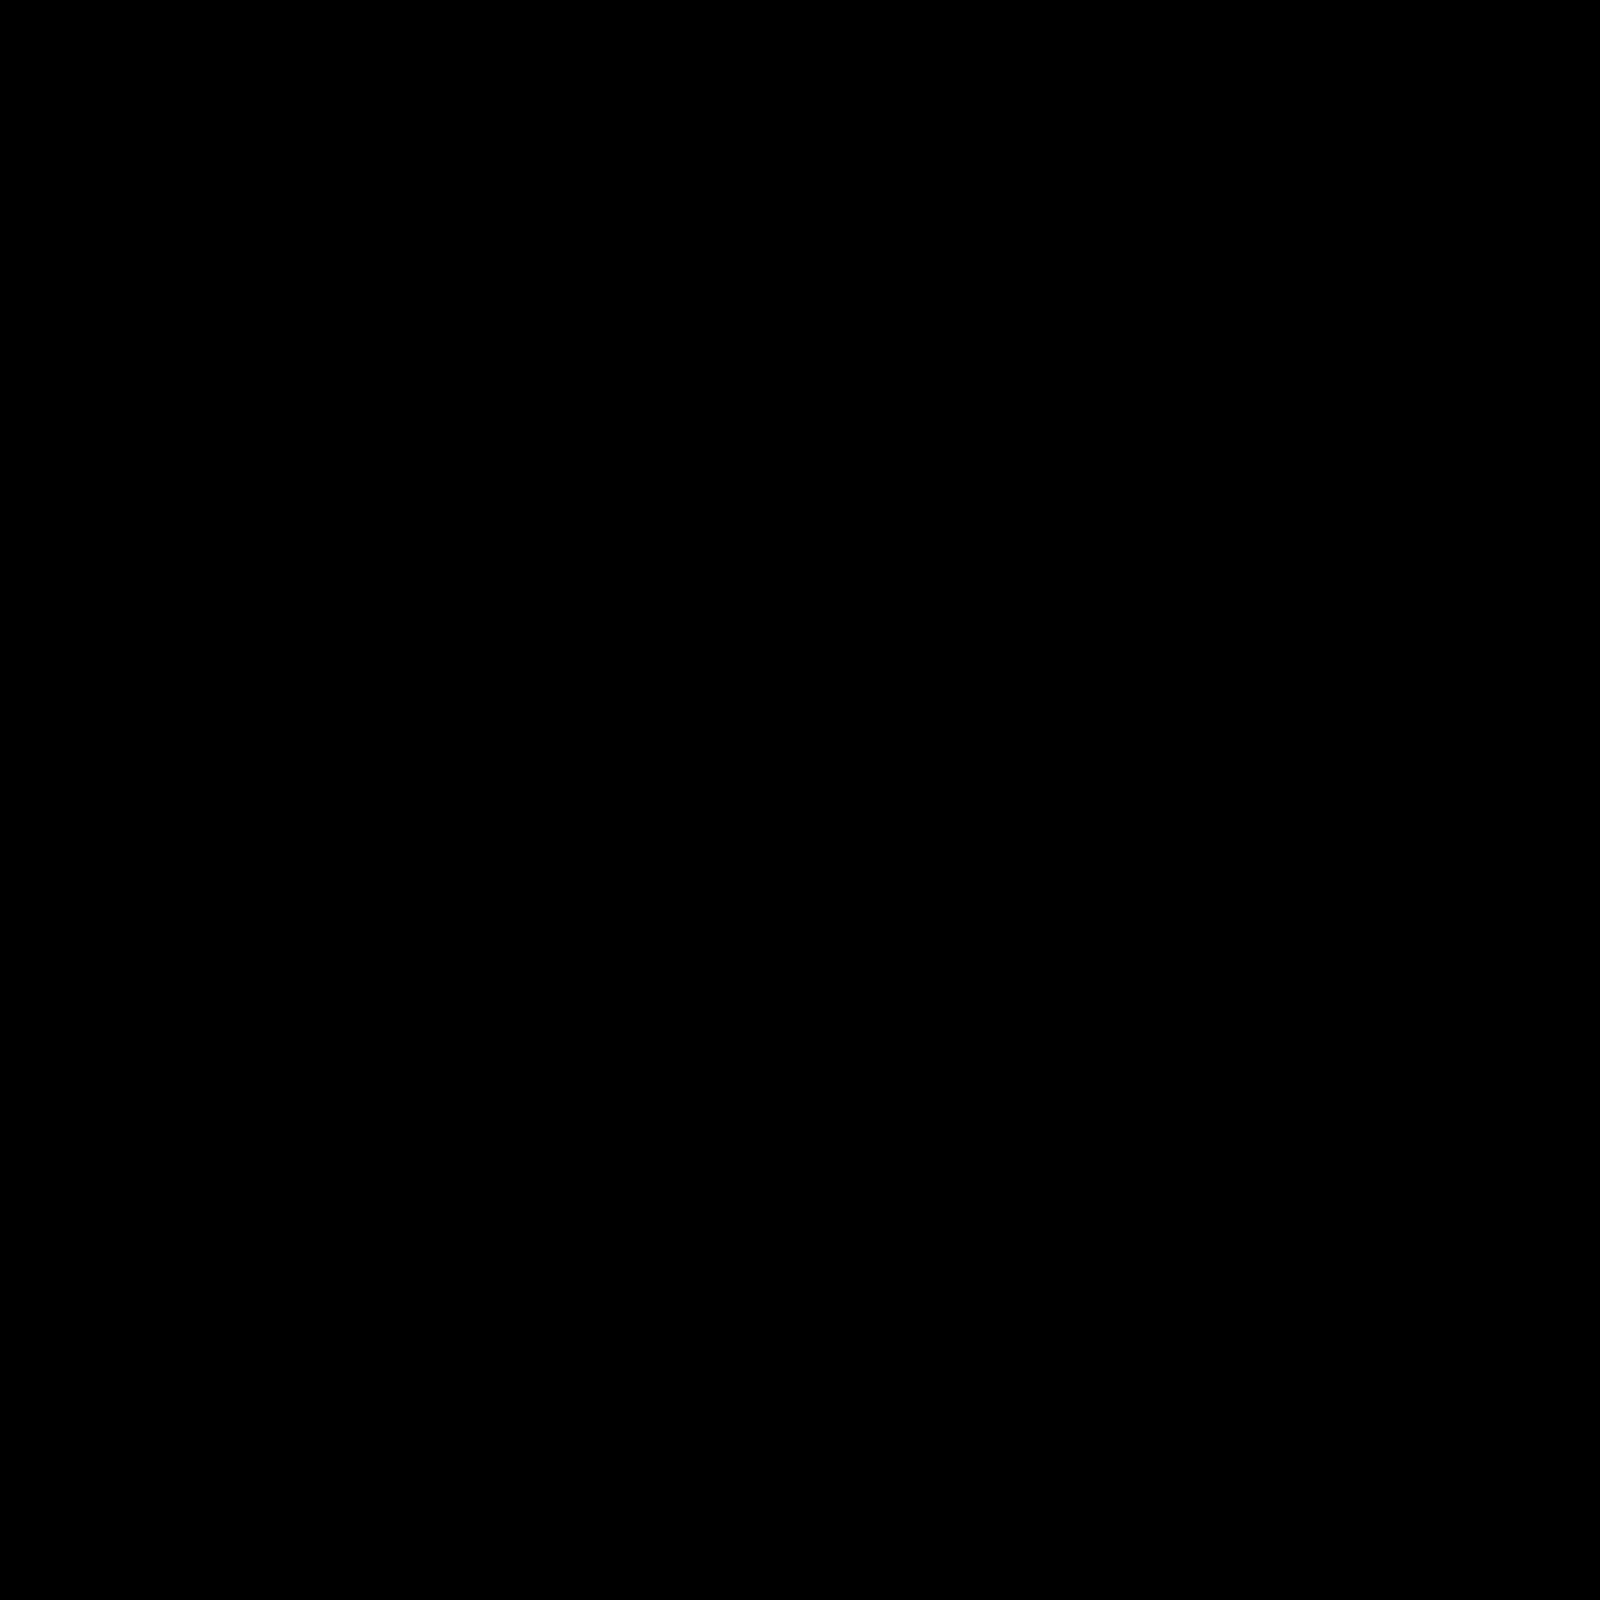 角丸長方形 icon